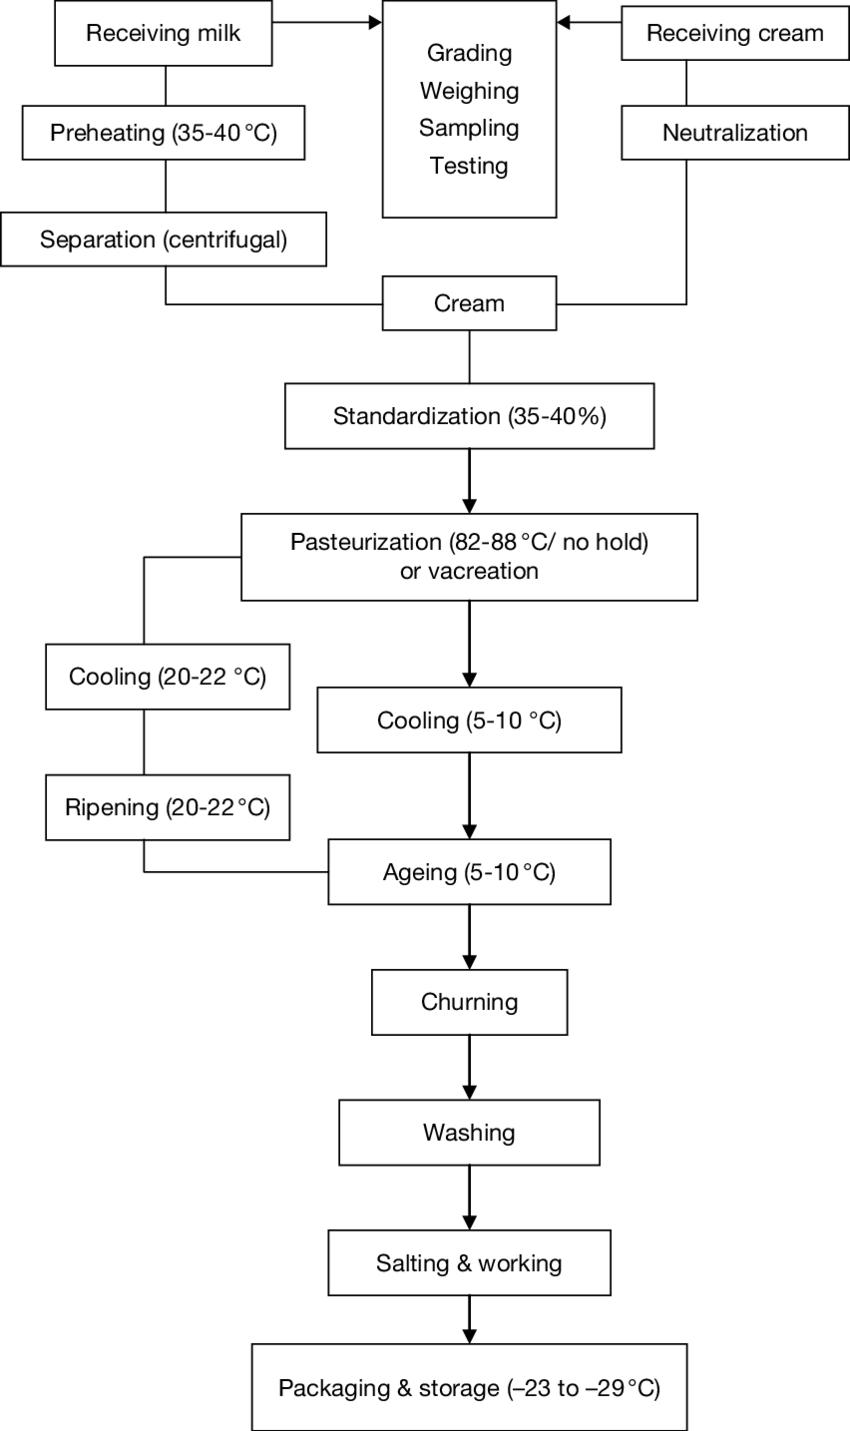 Haccp Process Flow Diagram